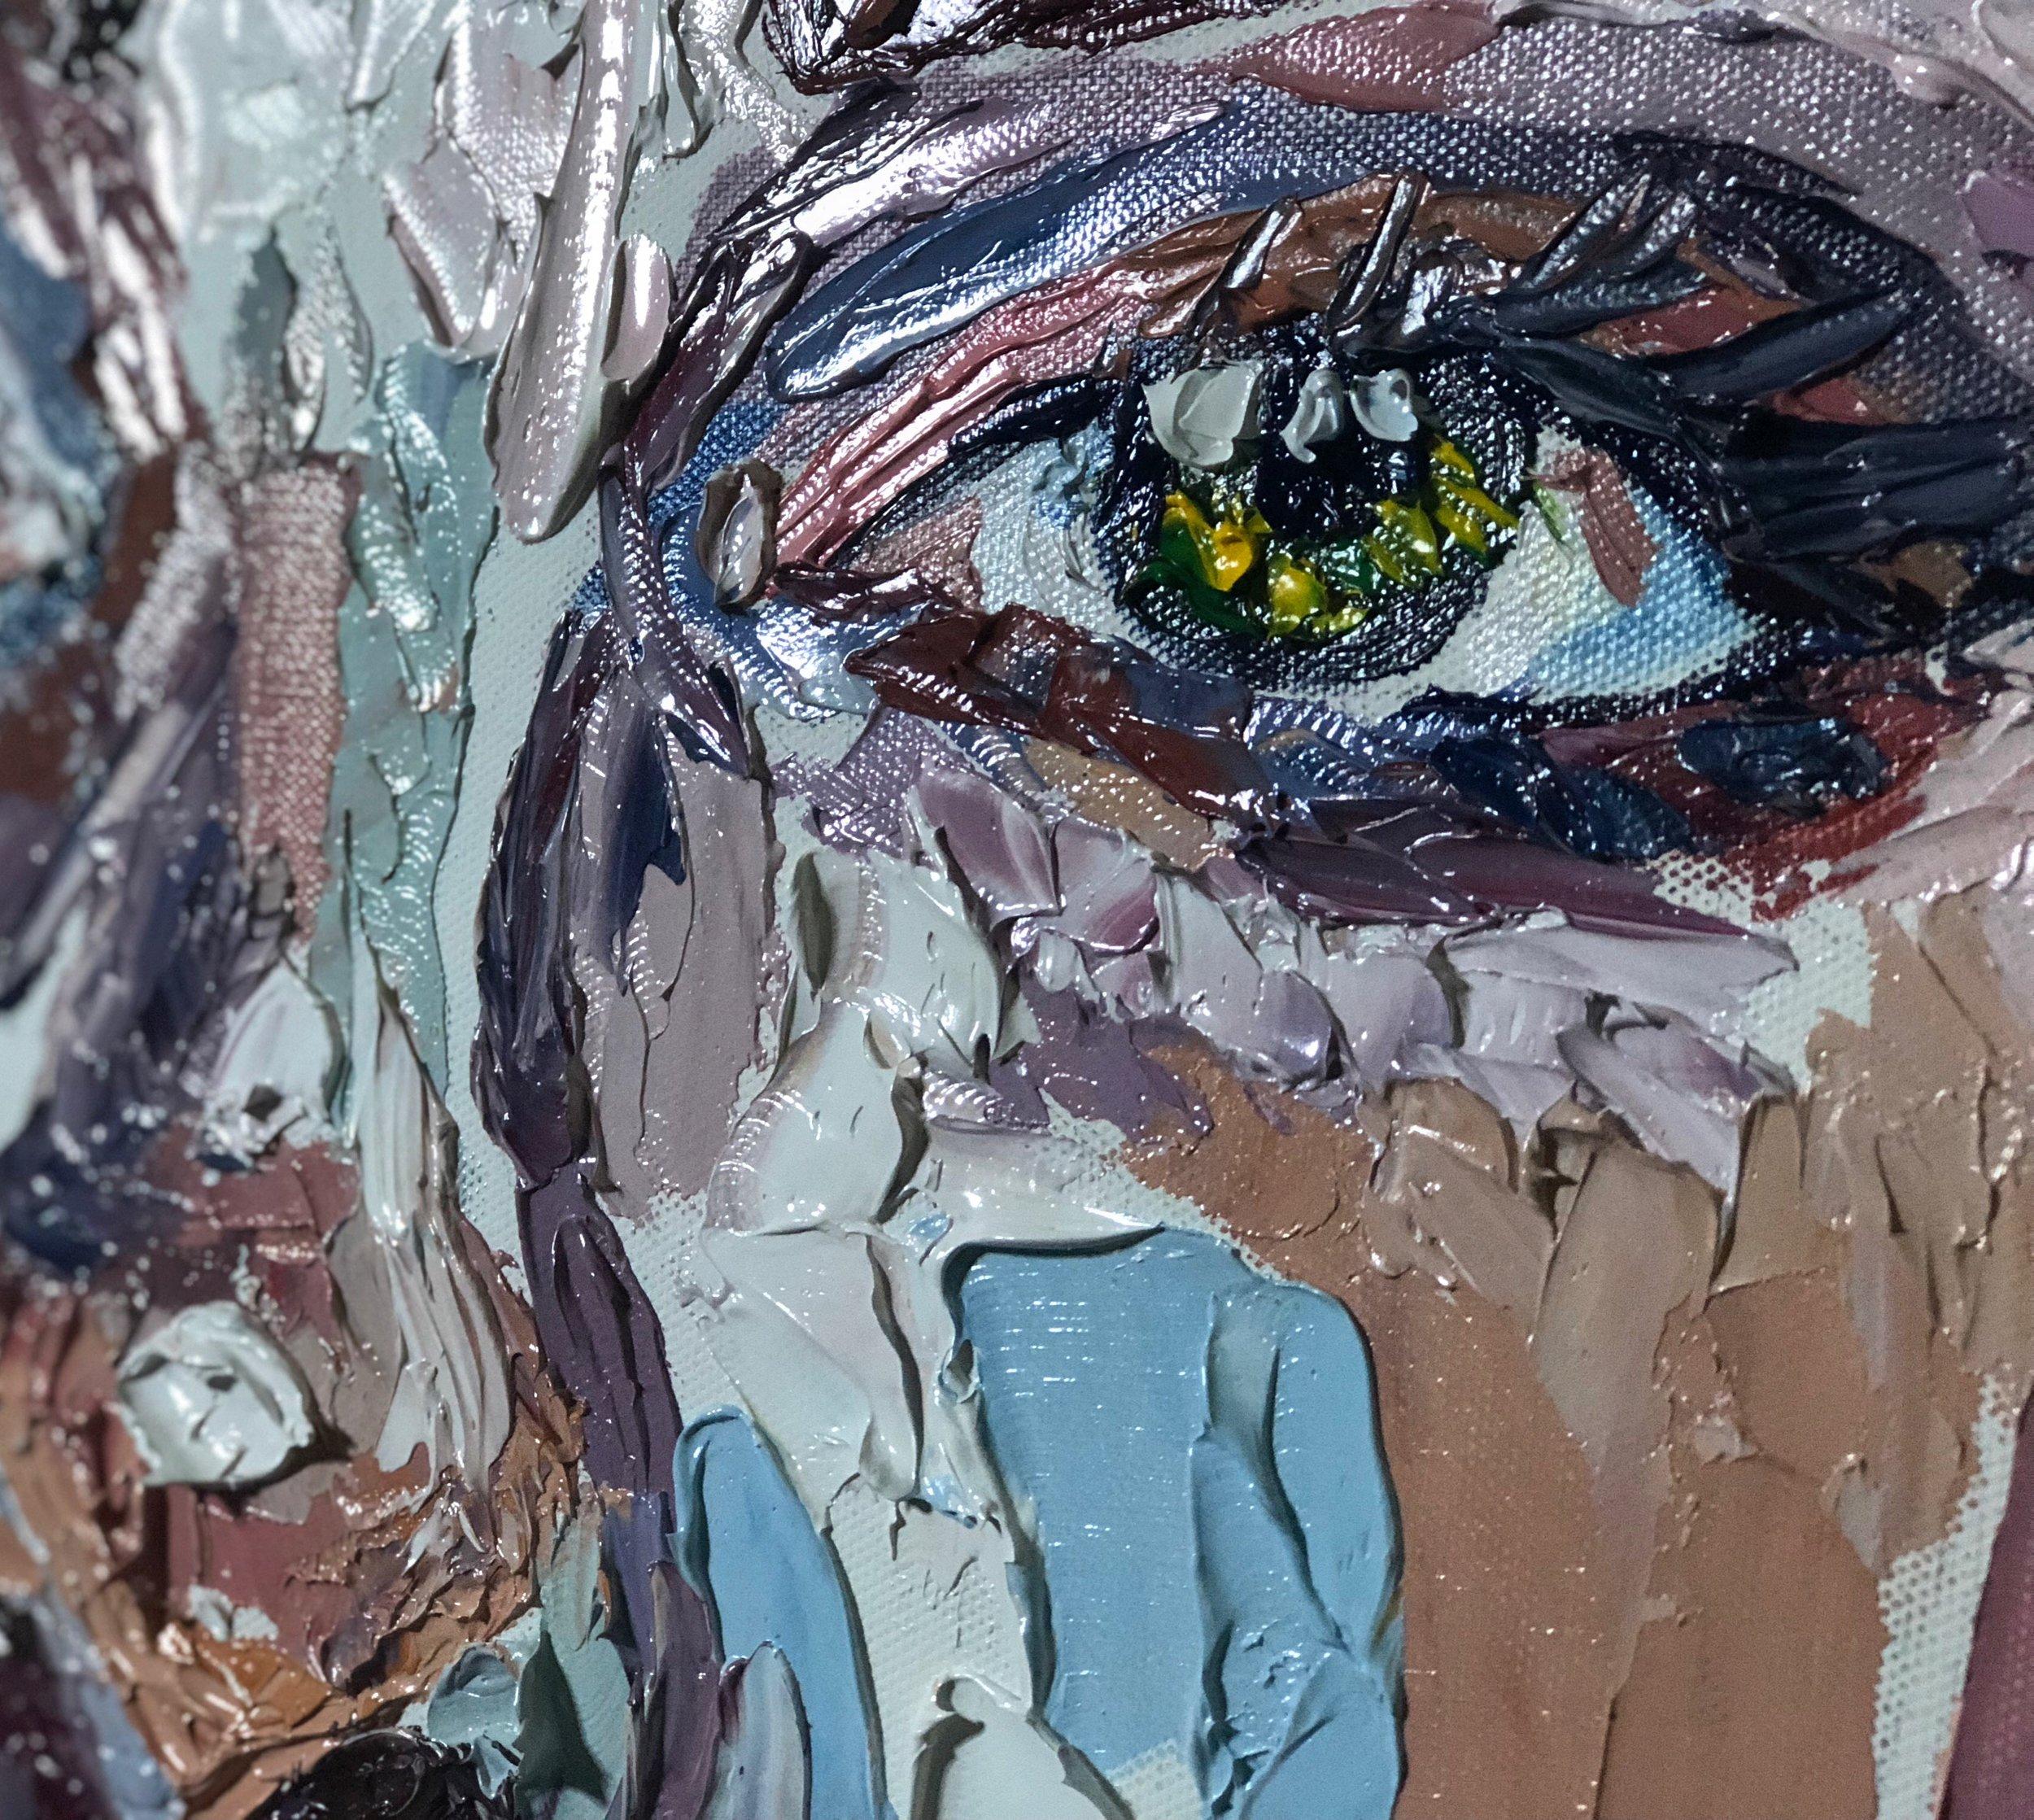 face_AB_detail_allison_bouganim_painting.JPG